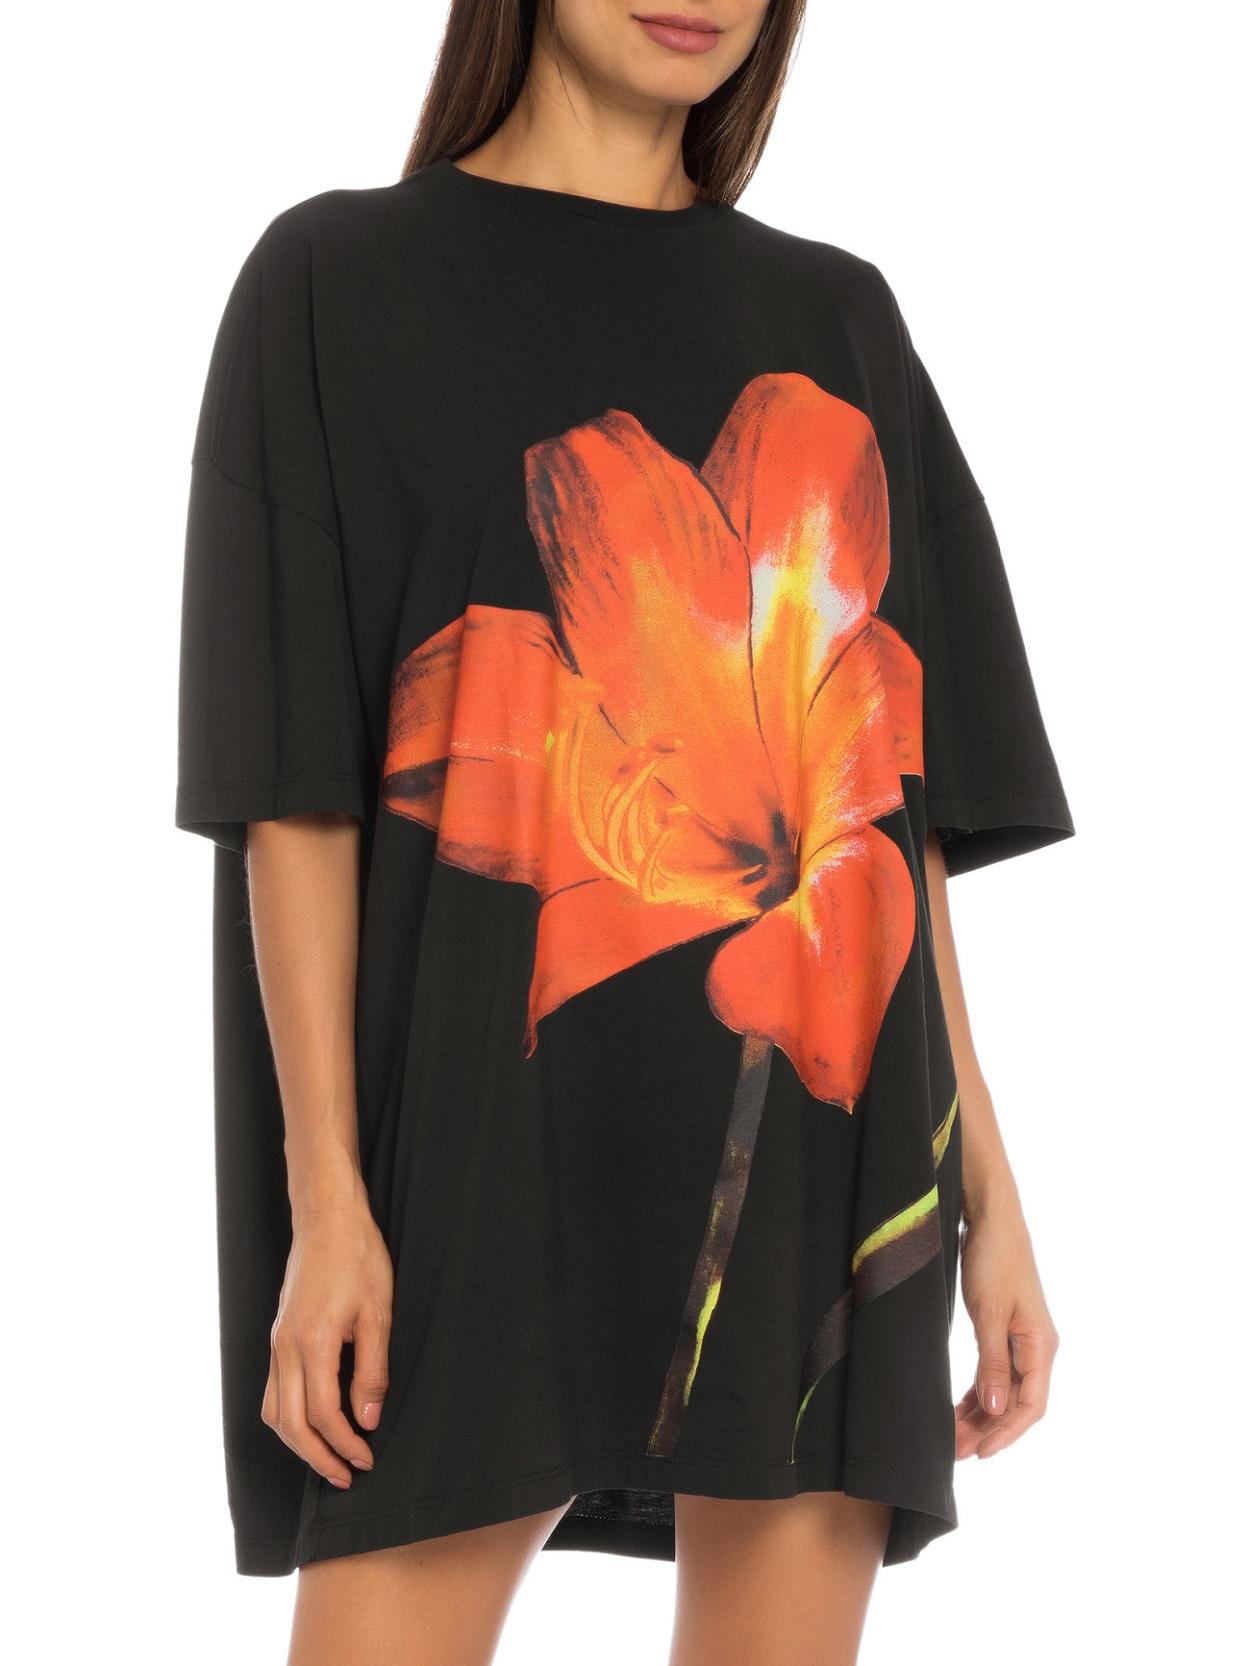 T-shirt Maxi Flor Preto - Farm